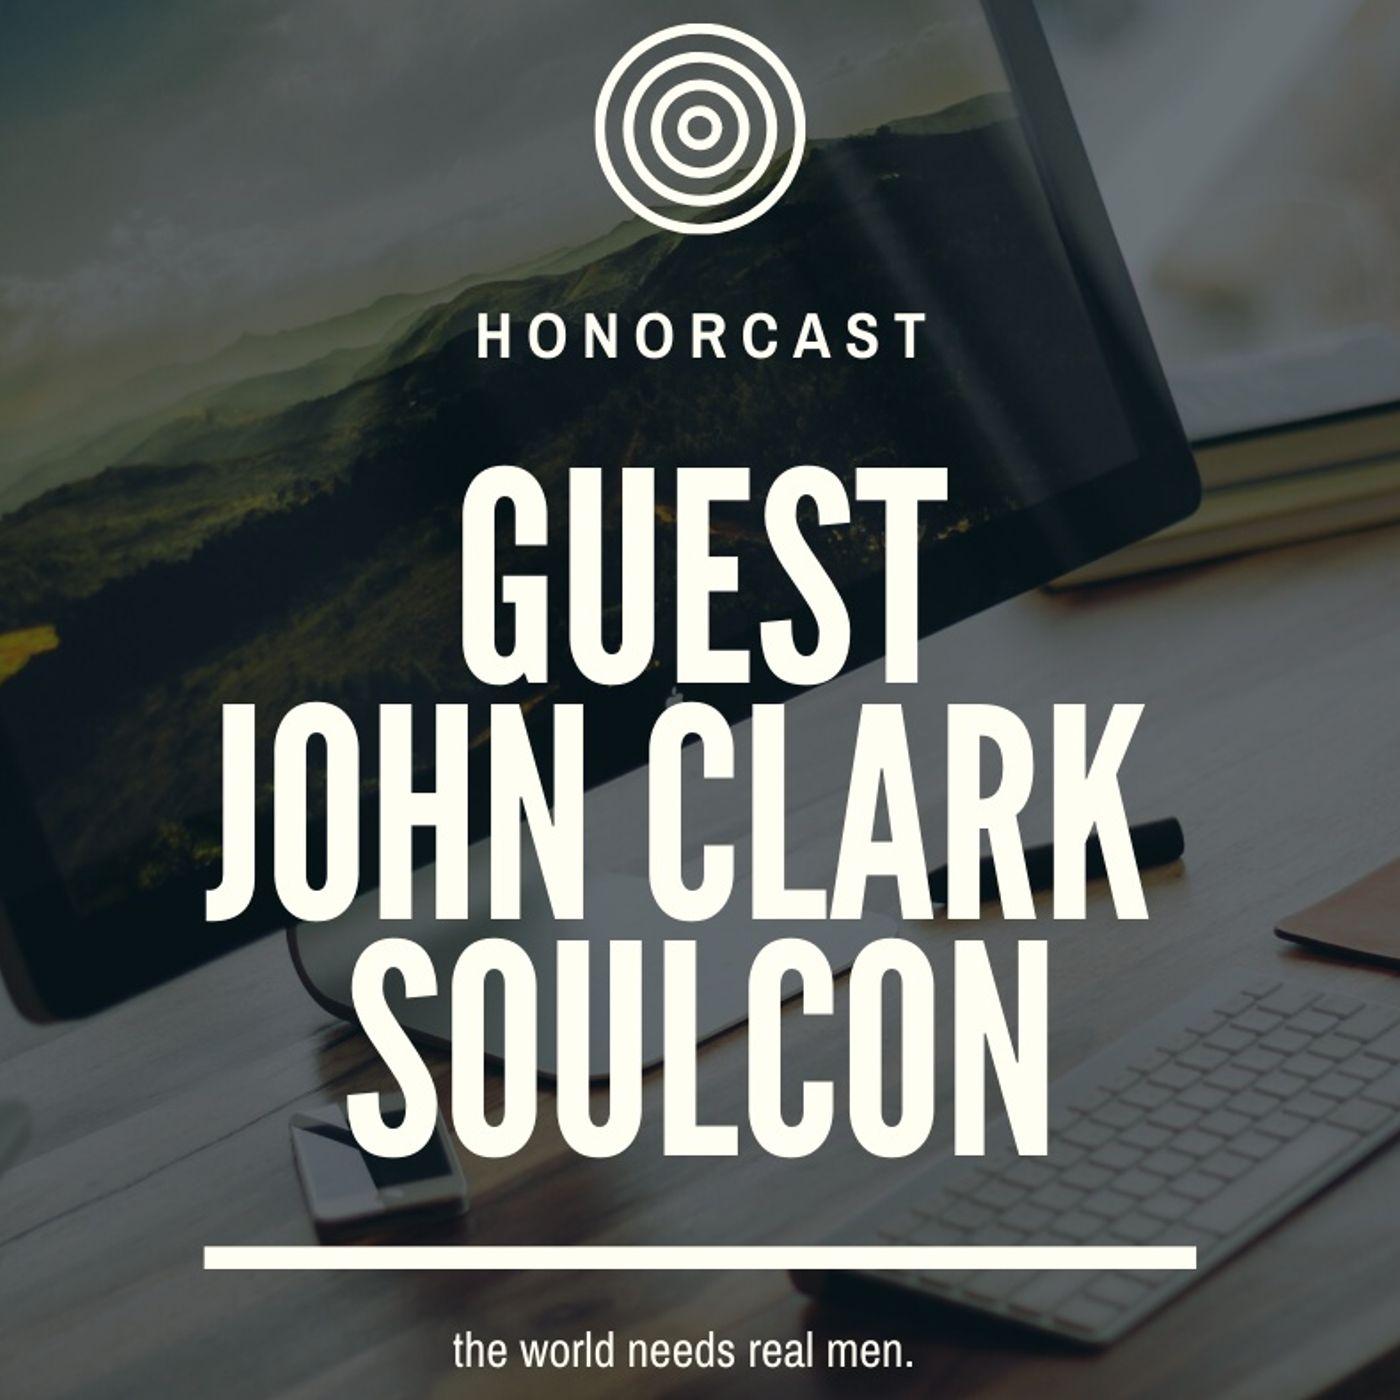 S1E2 John Clark: Restoring the biblical protector. Manhood revealed